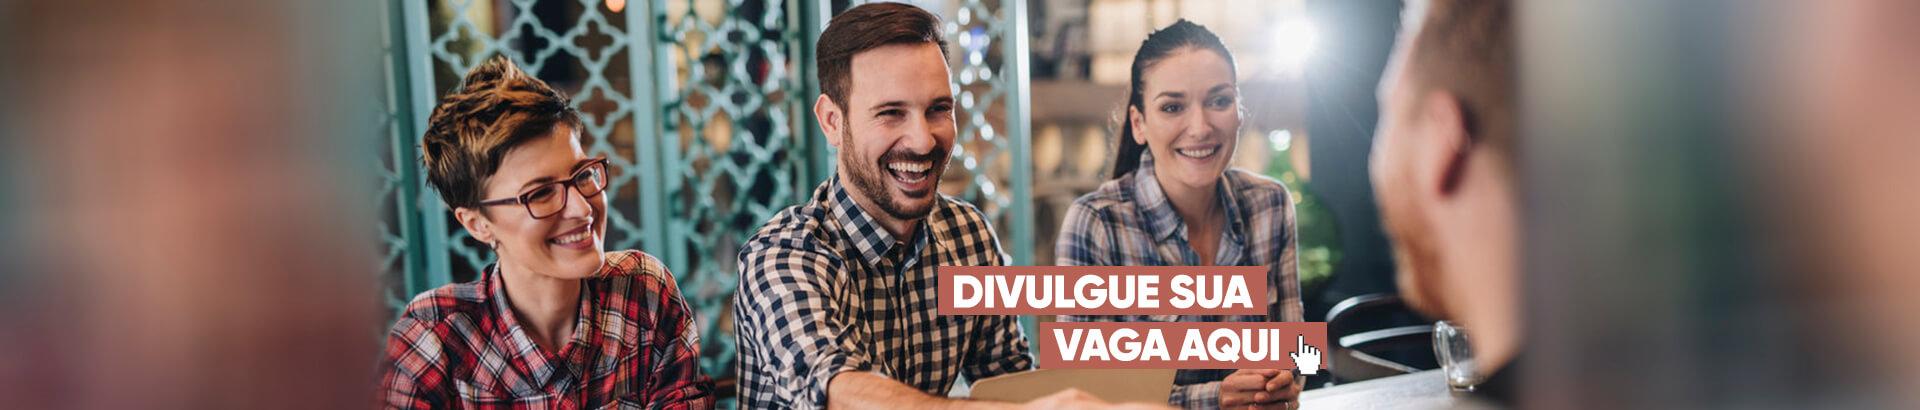 Banner Rotativo Desktop Divulgue sua vaga aqui